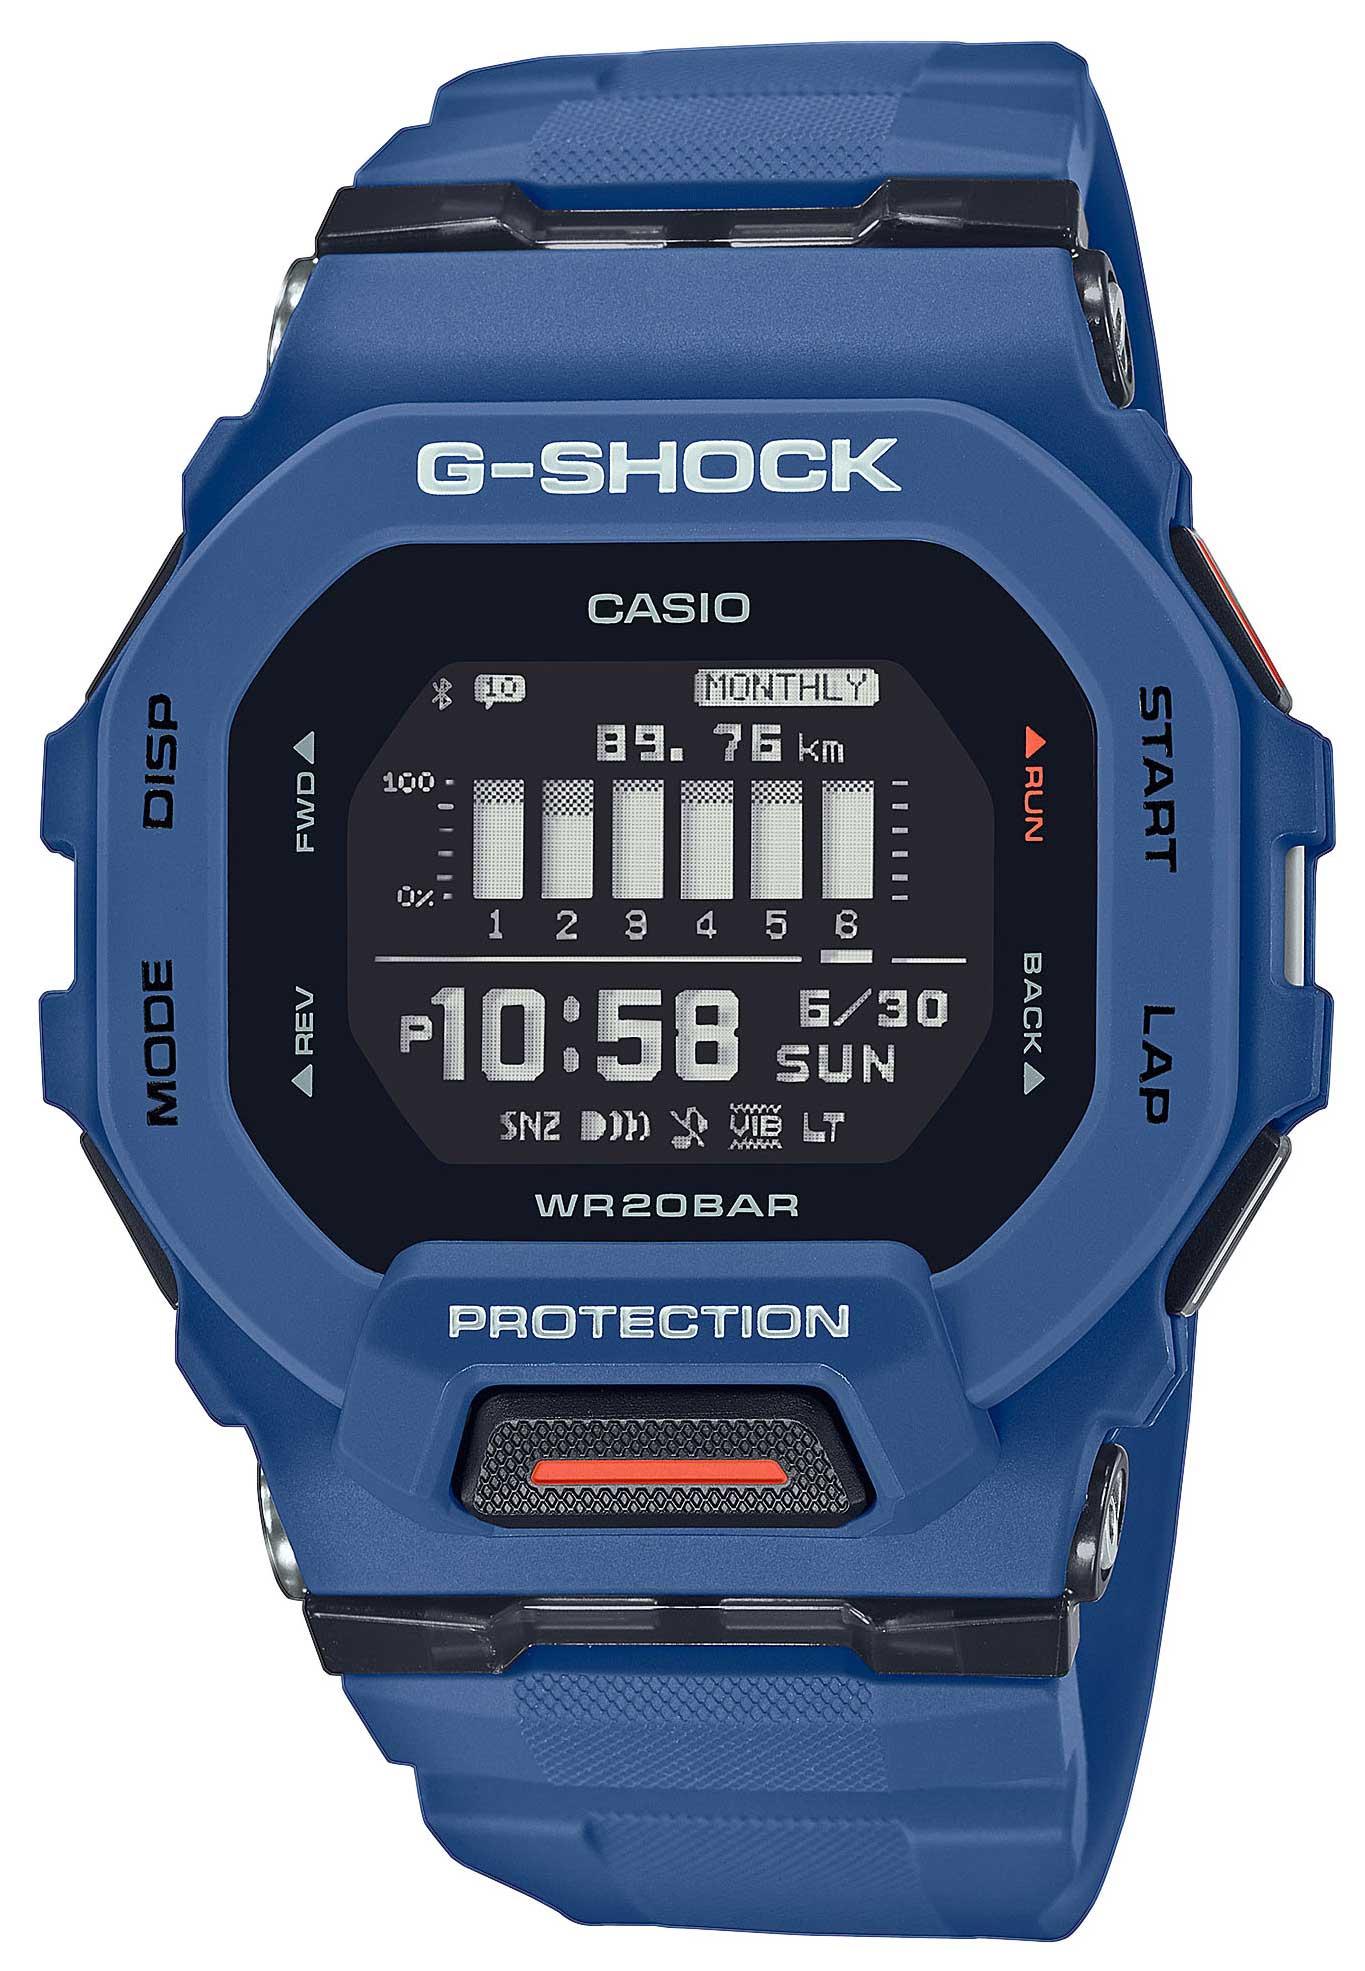 Casio G-Shock G-Squad Armbanduhr GBD-200-2ER blau